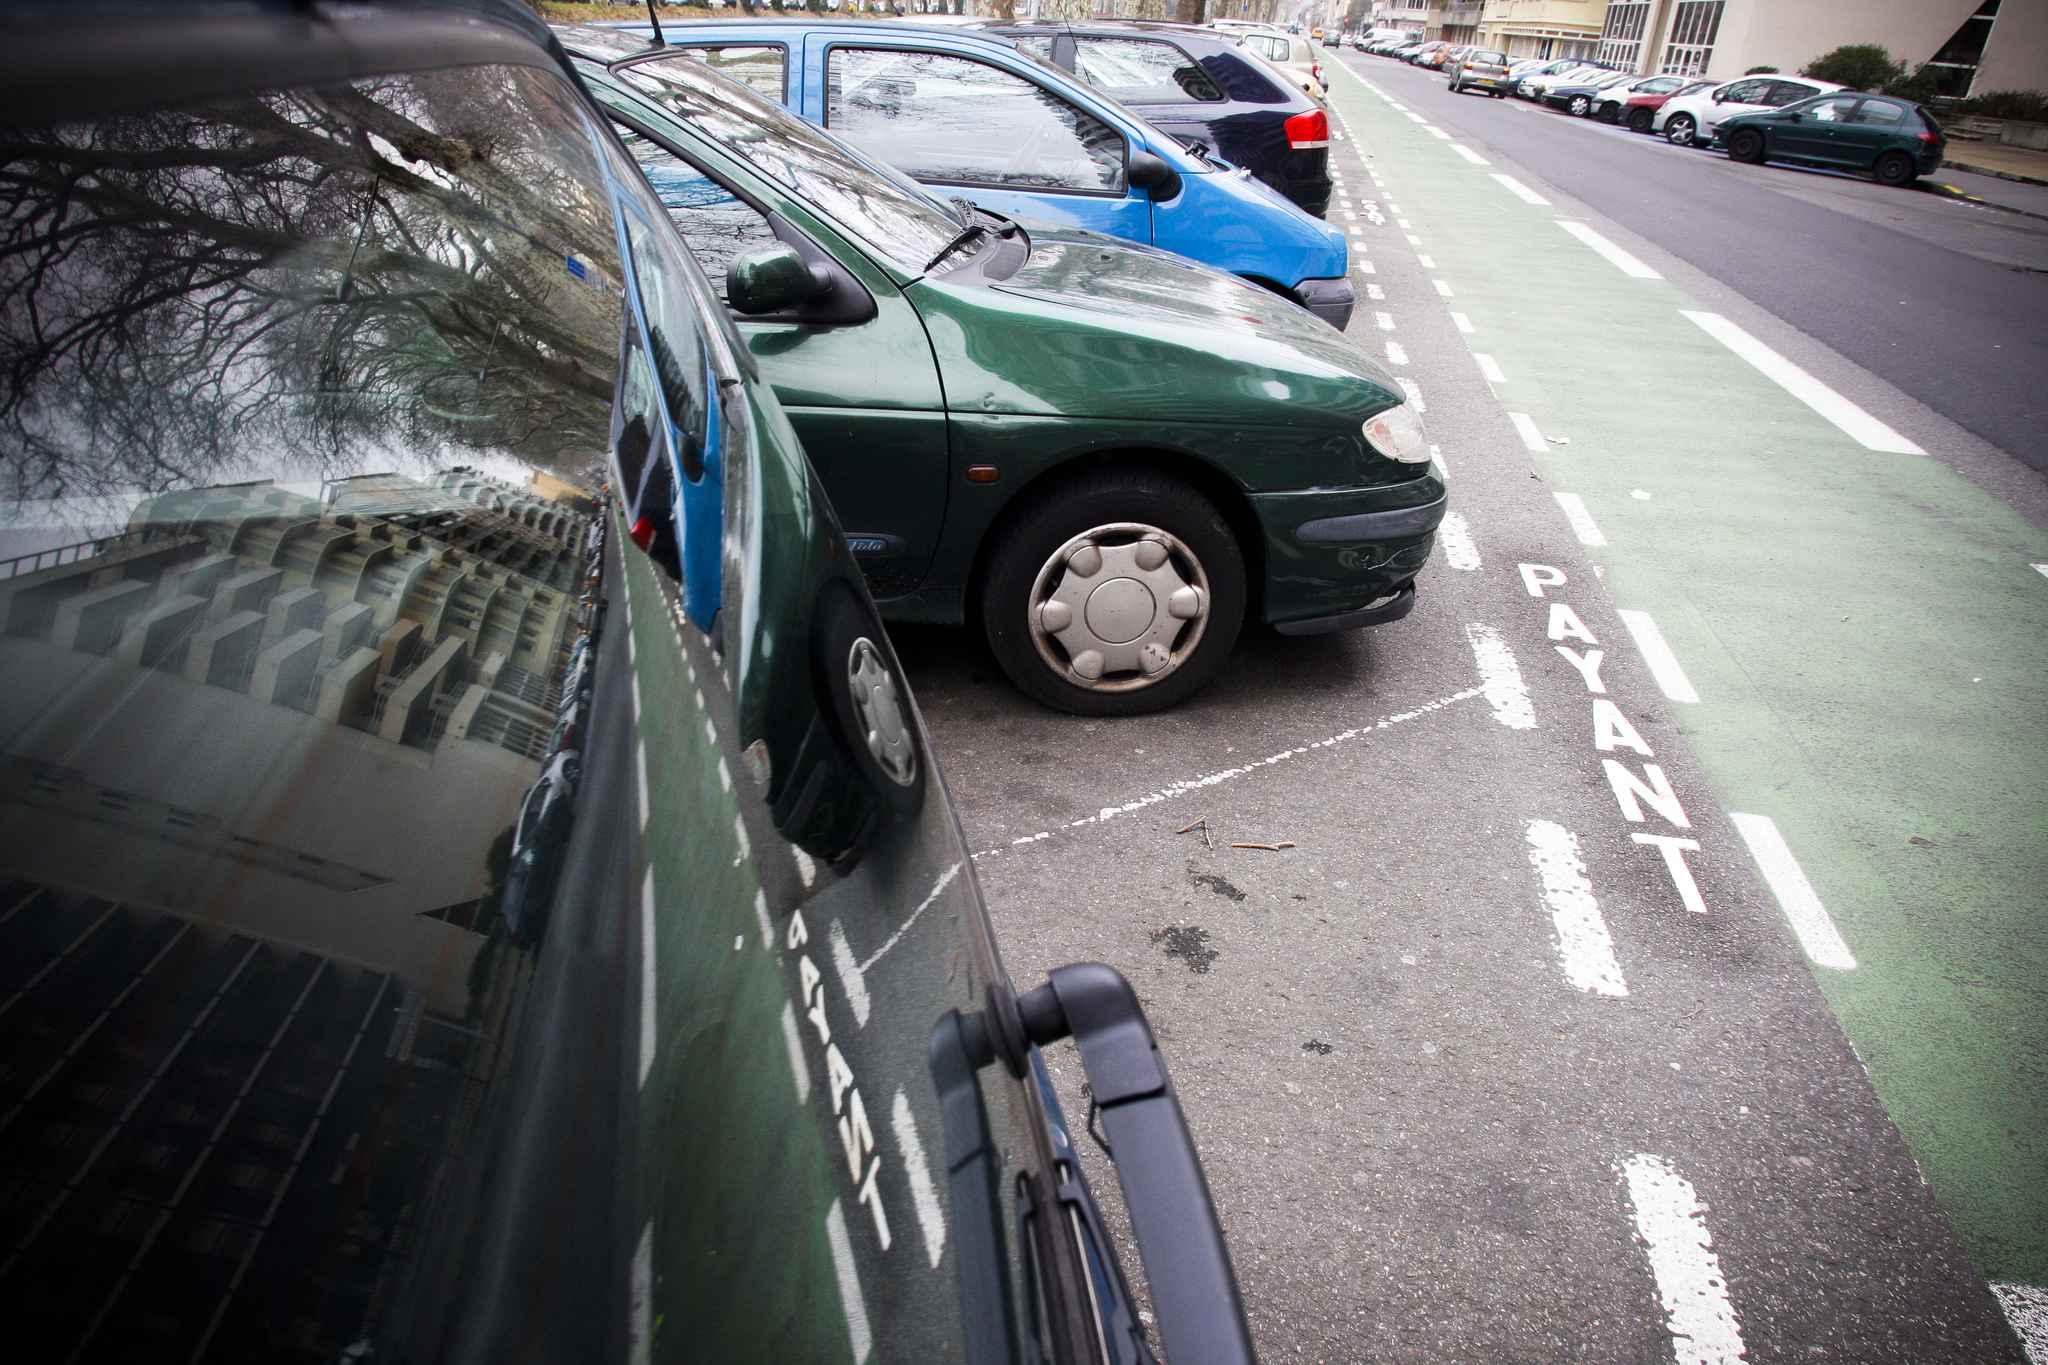 J'ai loué un parking pour éviter les problèmes de voiture